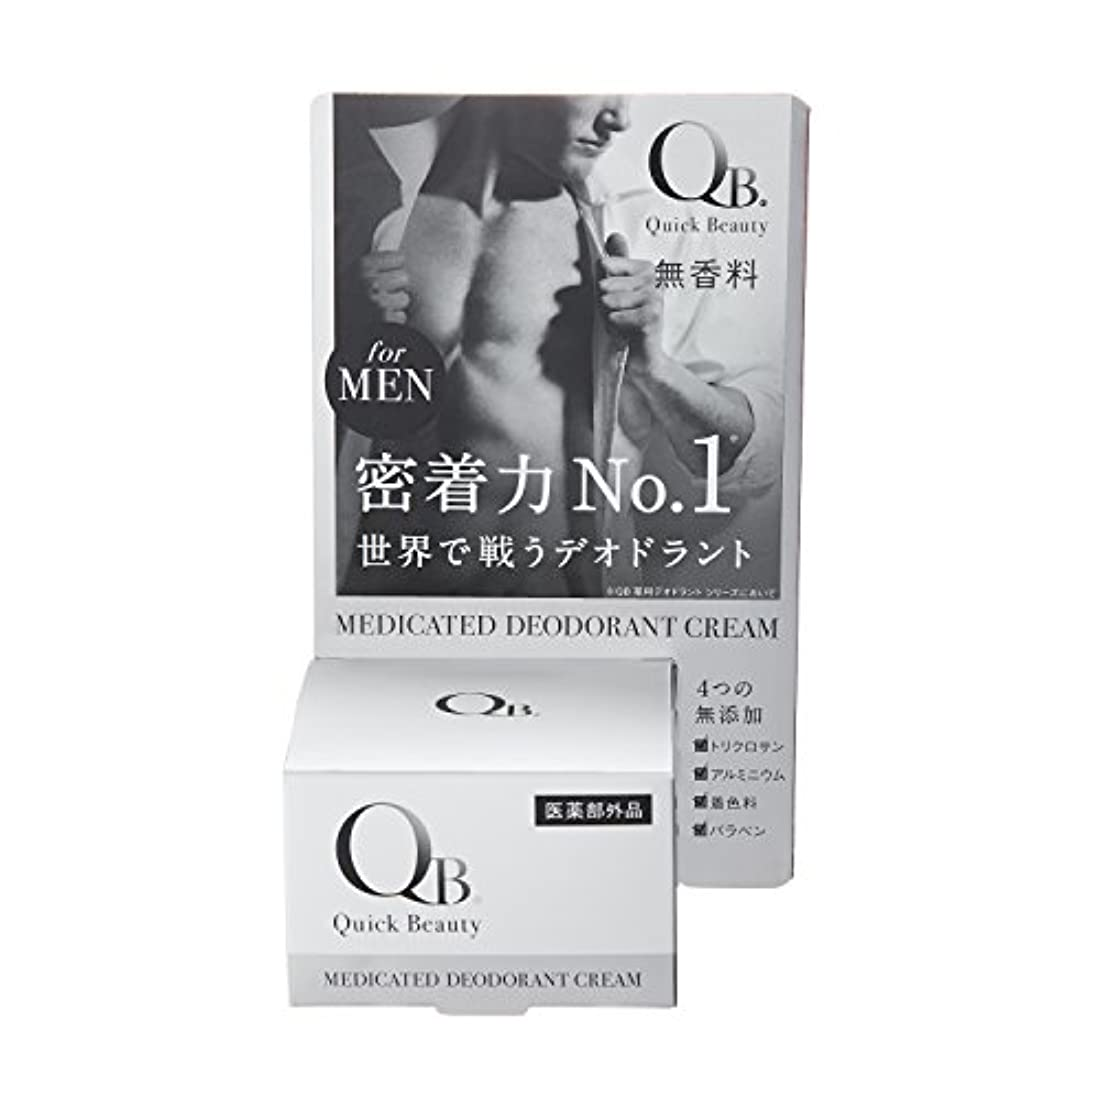 お母さん禁止好奇心QB 薬用デオドラントクリーム メンズ 30g